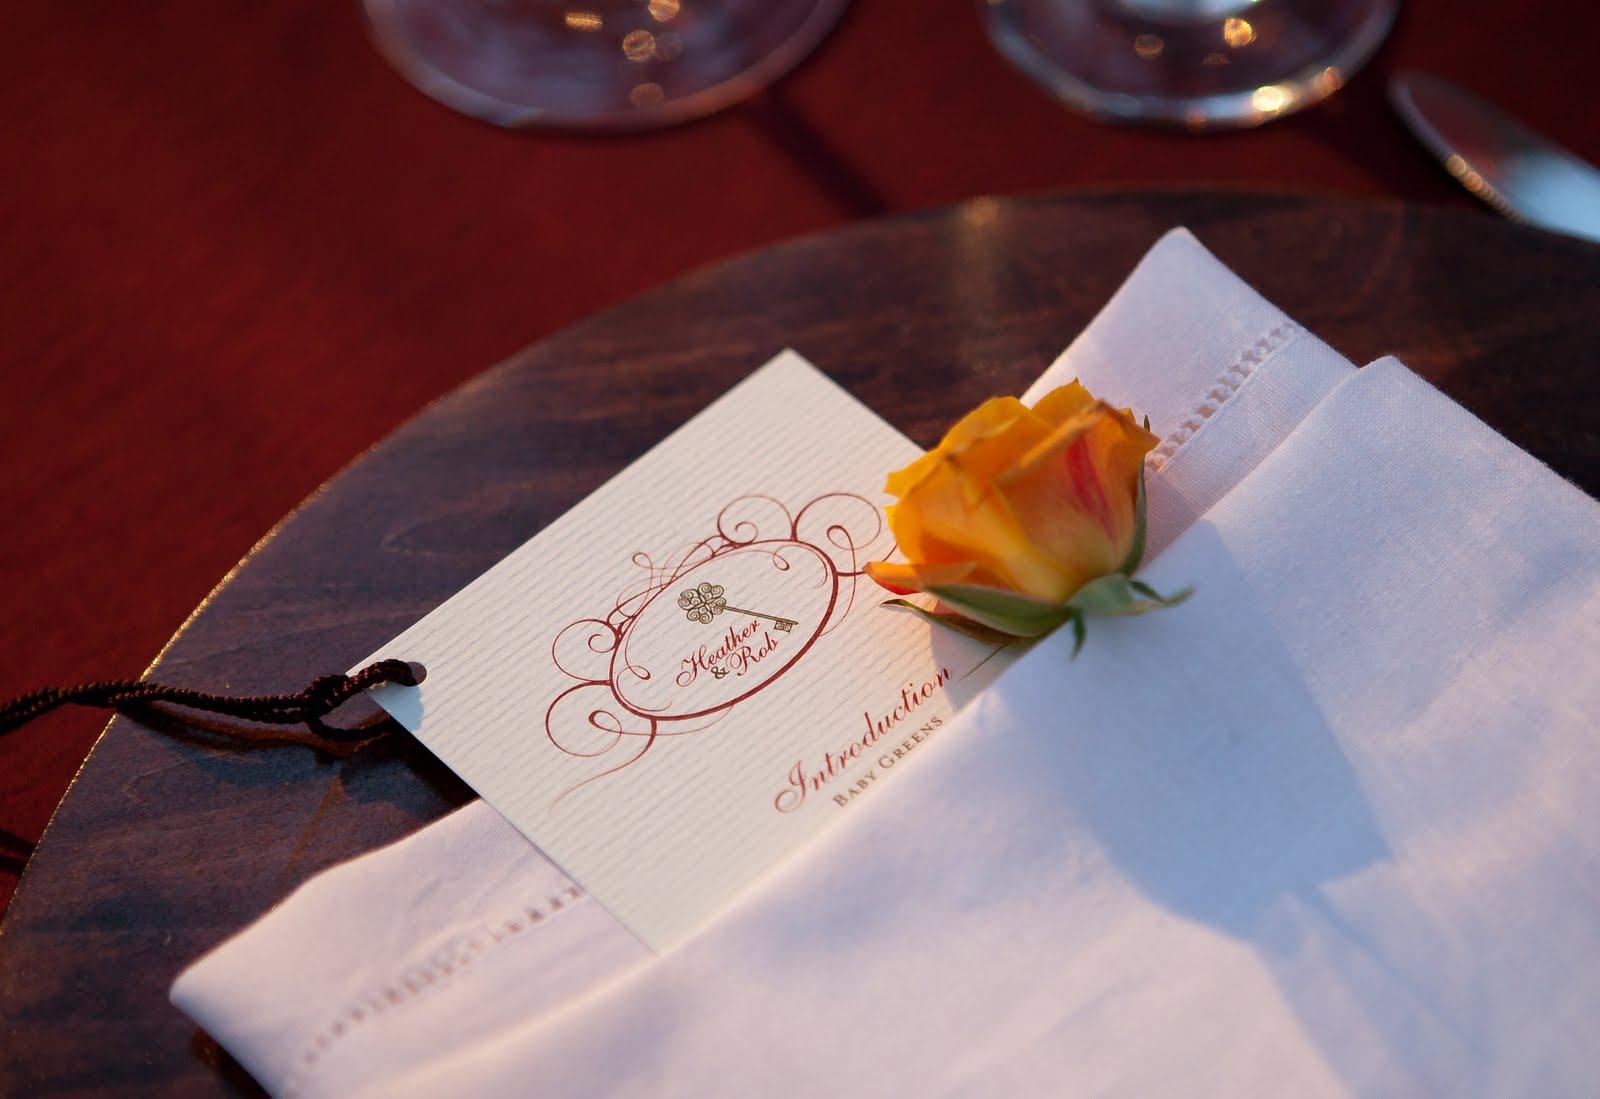 The Inviting Pear Photoblog: May 2011